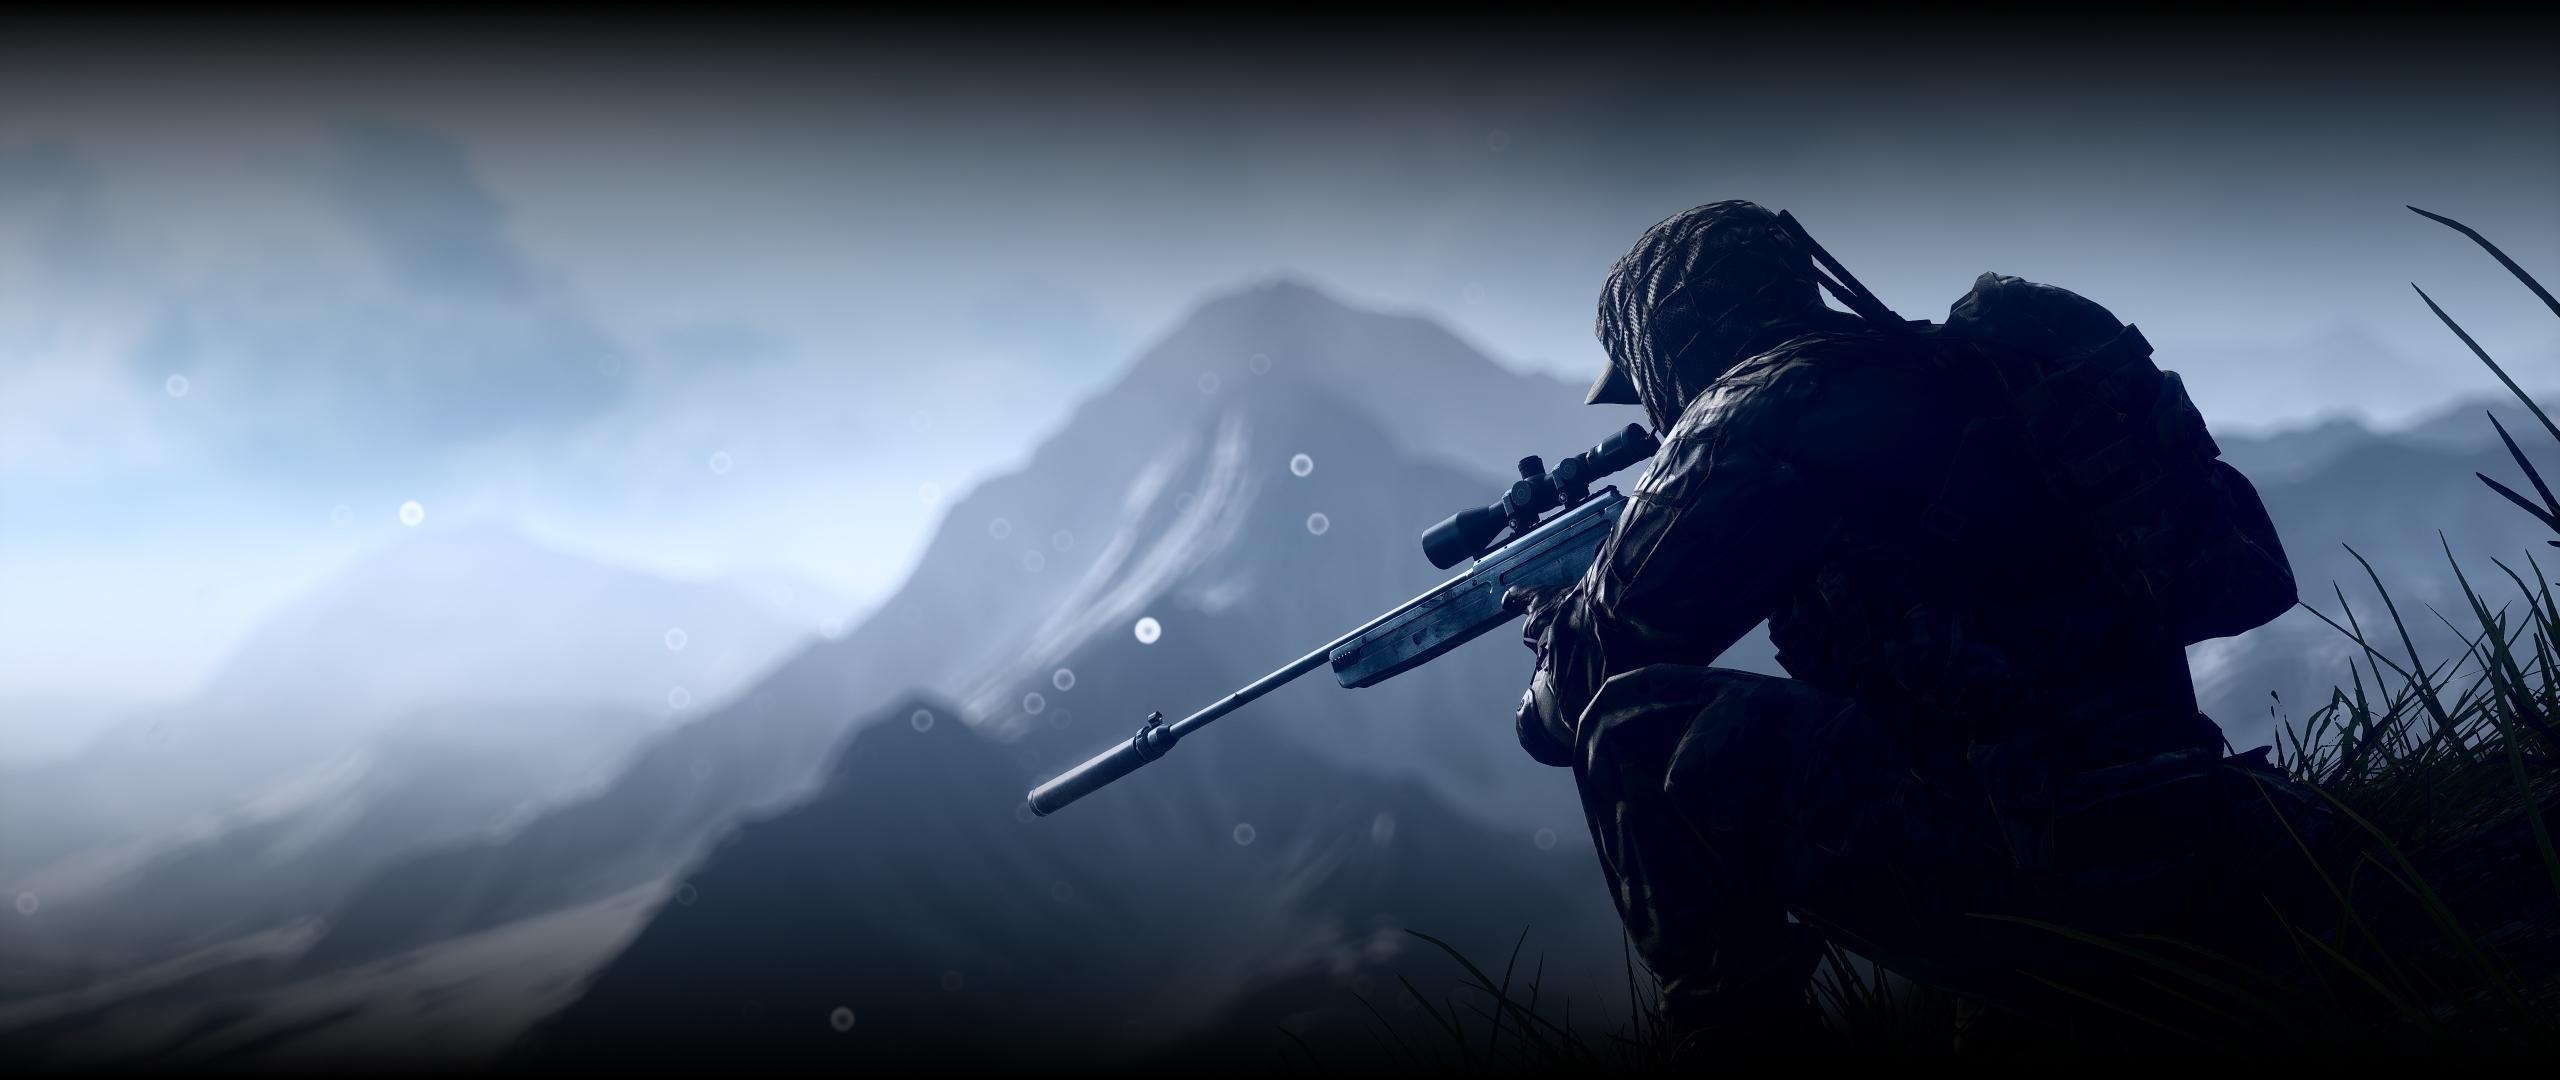 High resolution Battlefield 4 hd 2560x1080 wallpaper ID:498289 for desktop